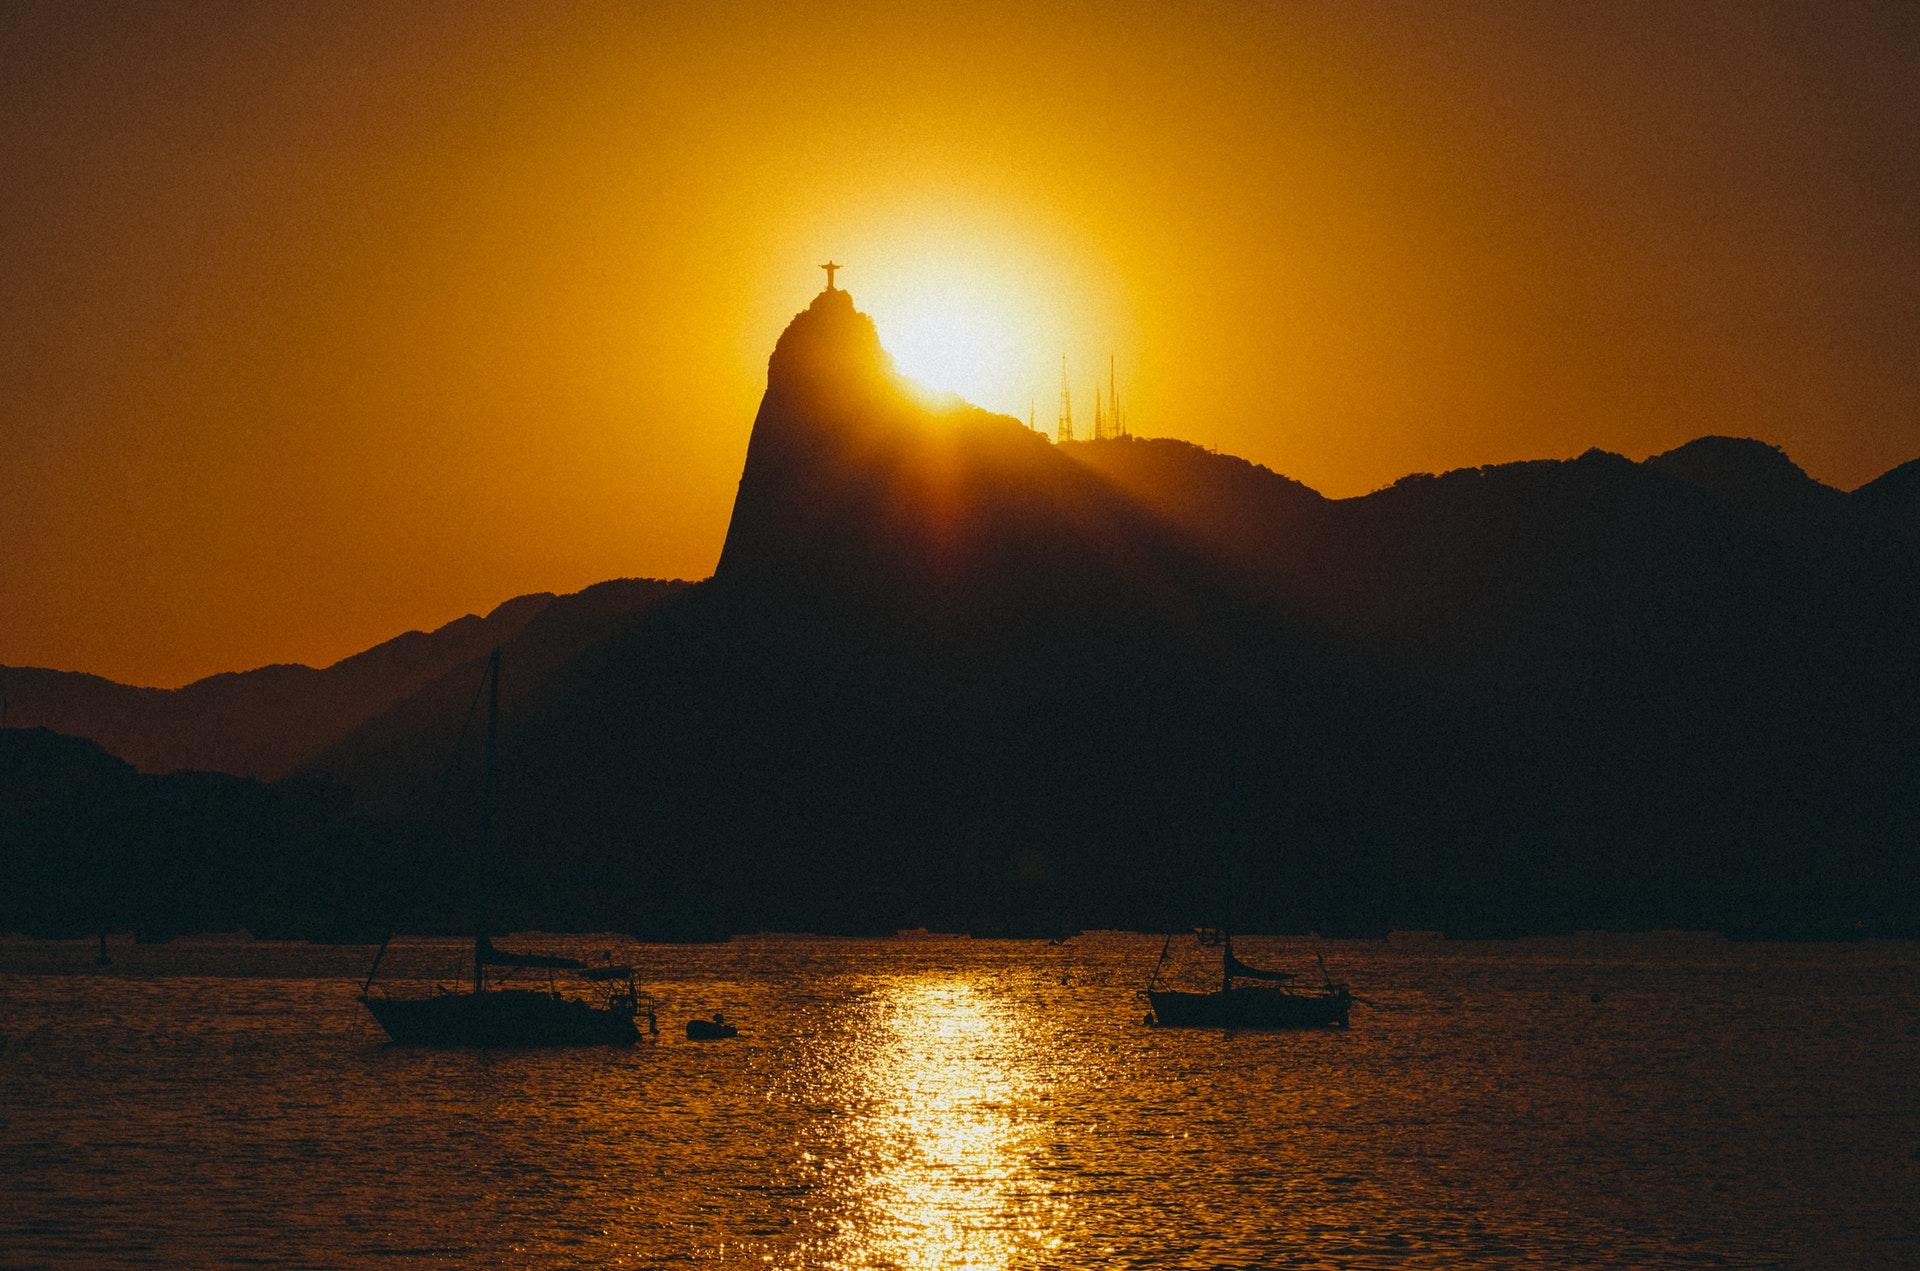 Companhias aéreas redescobrem o Rio de Janeiro